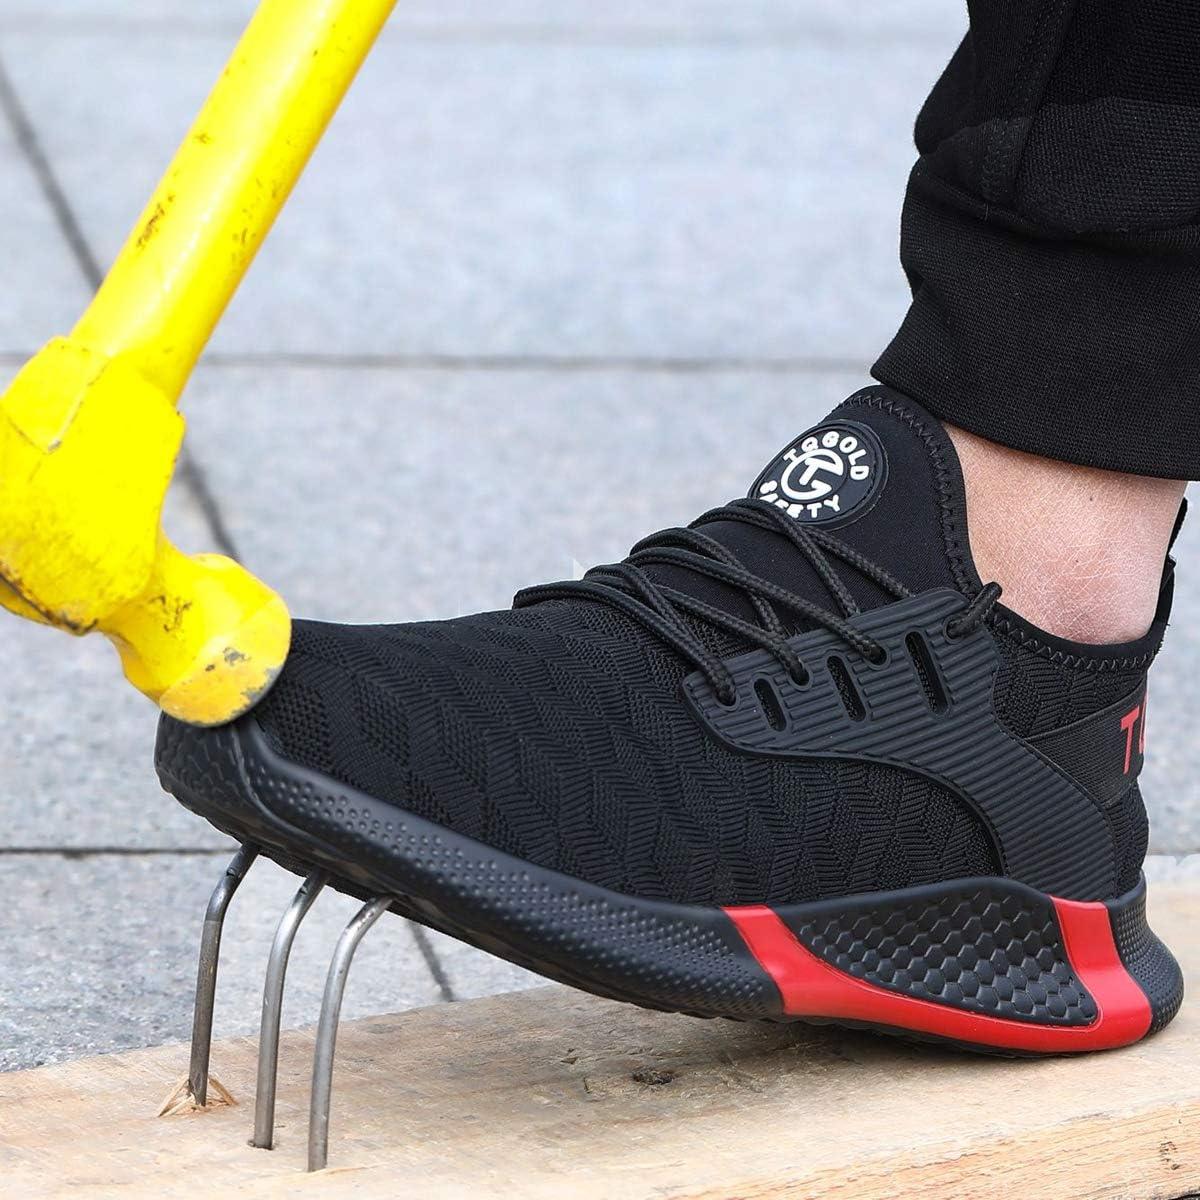 tqgold/® Zapatos de Seguridad Hombres Calzado con Puntera de Acero Calzado de Trabajo Liviano Entrenador Calzado Transpirable Industrial y de Construcci/ón